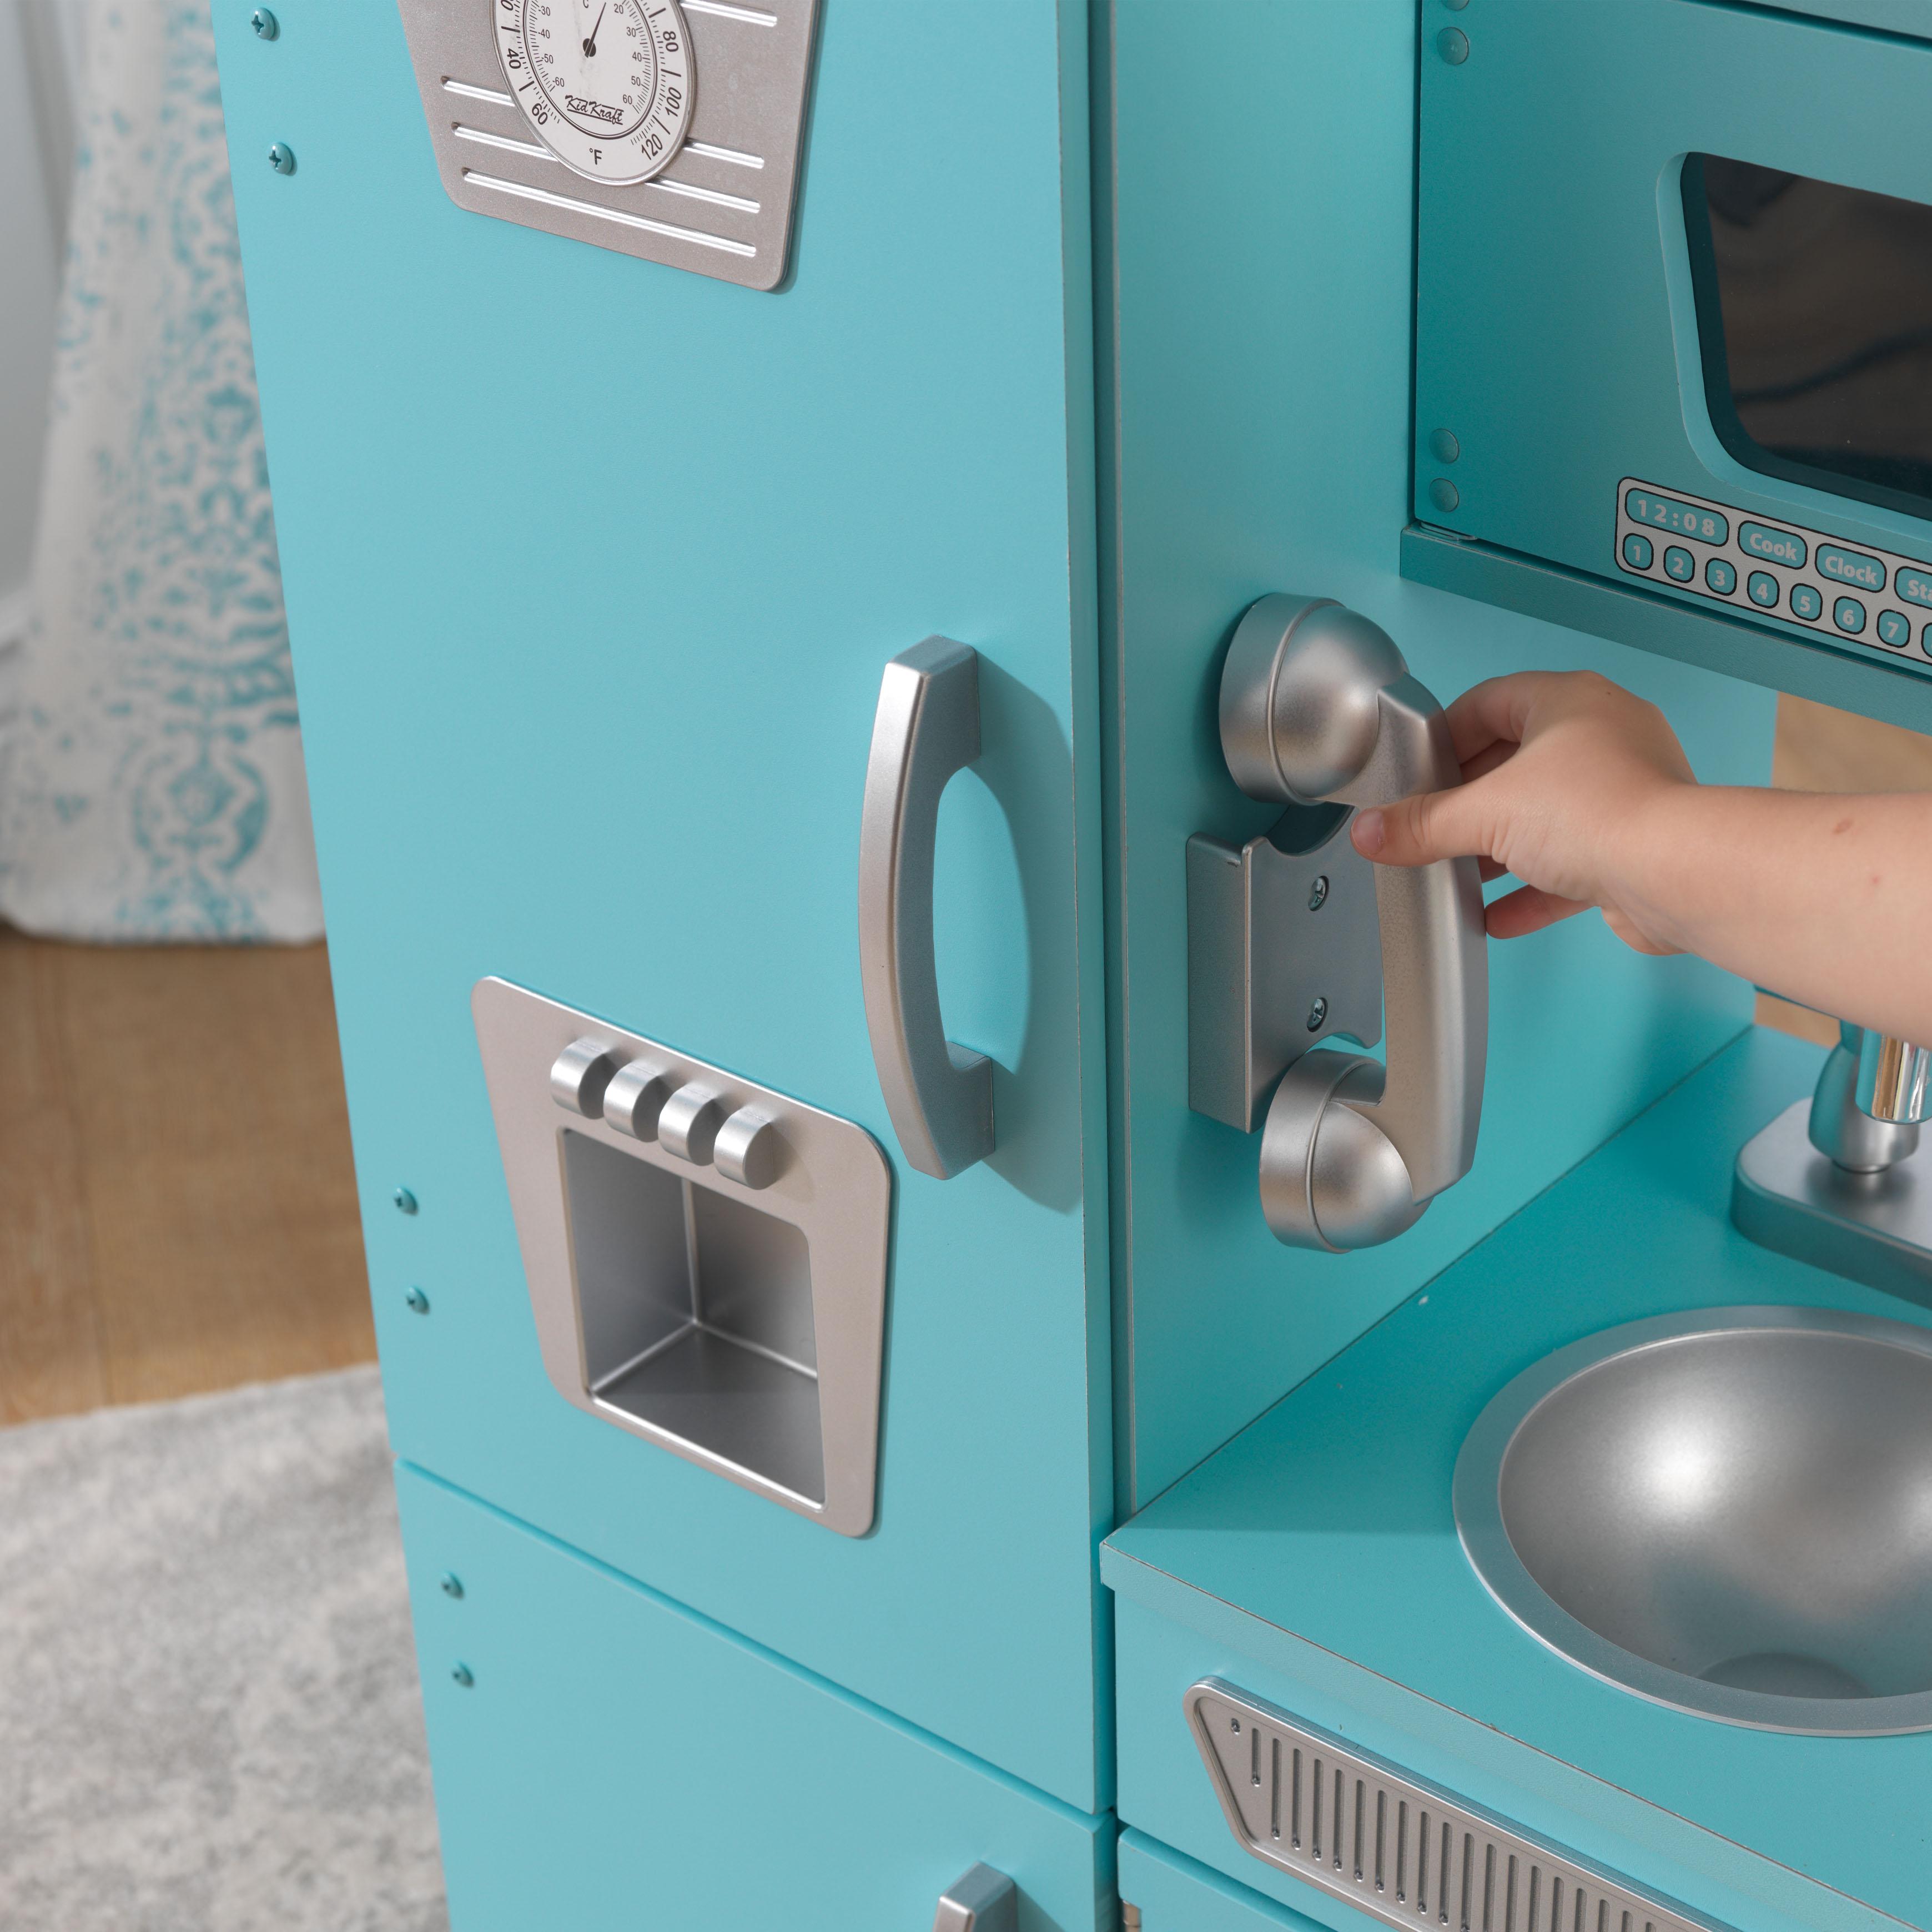 Kidkraft Kitchen Blue kidkraft vintage play kitchen - blue - walmart